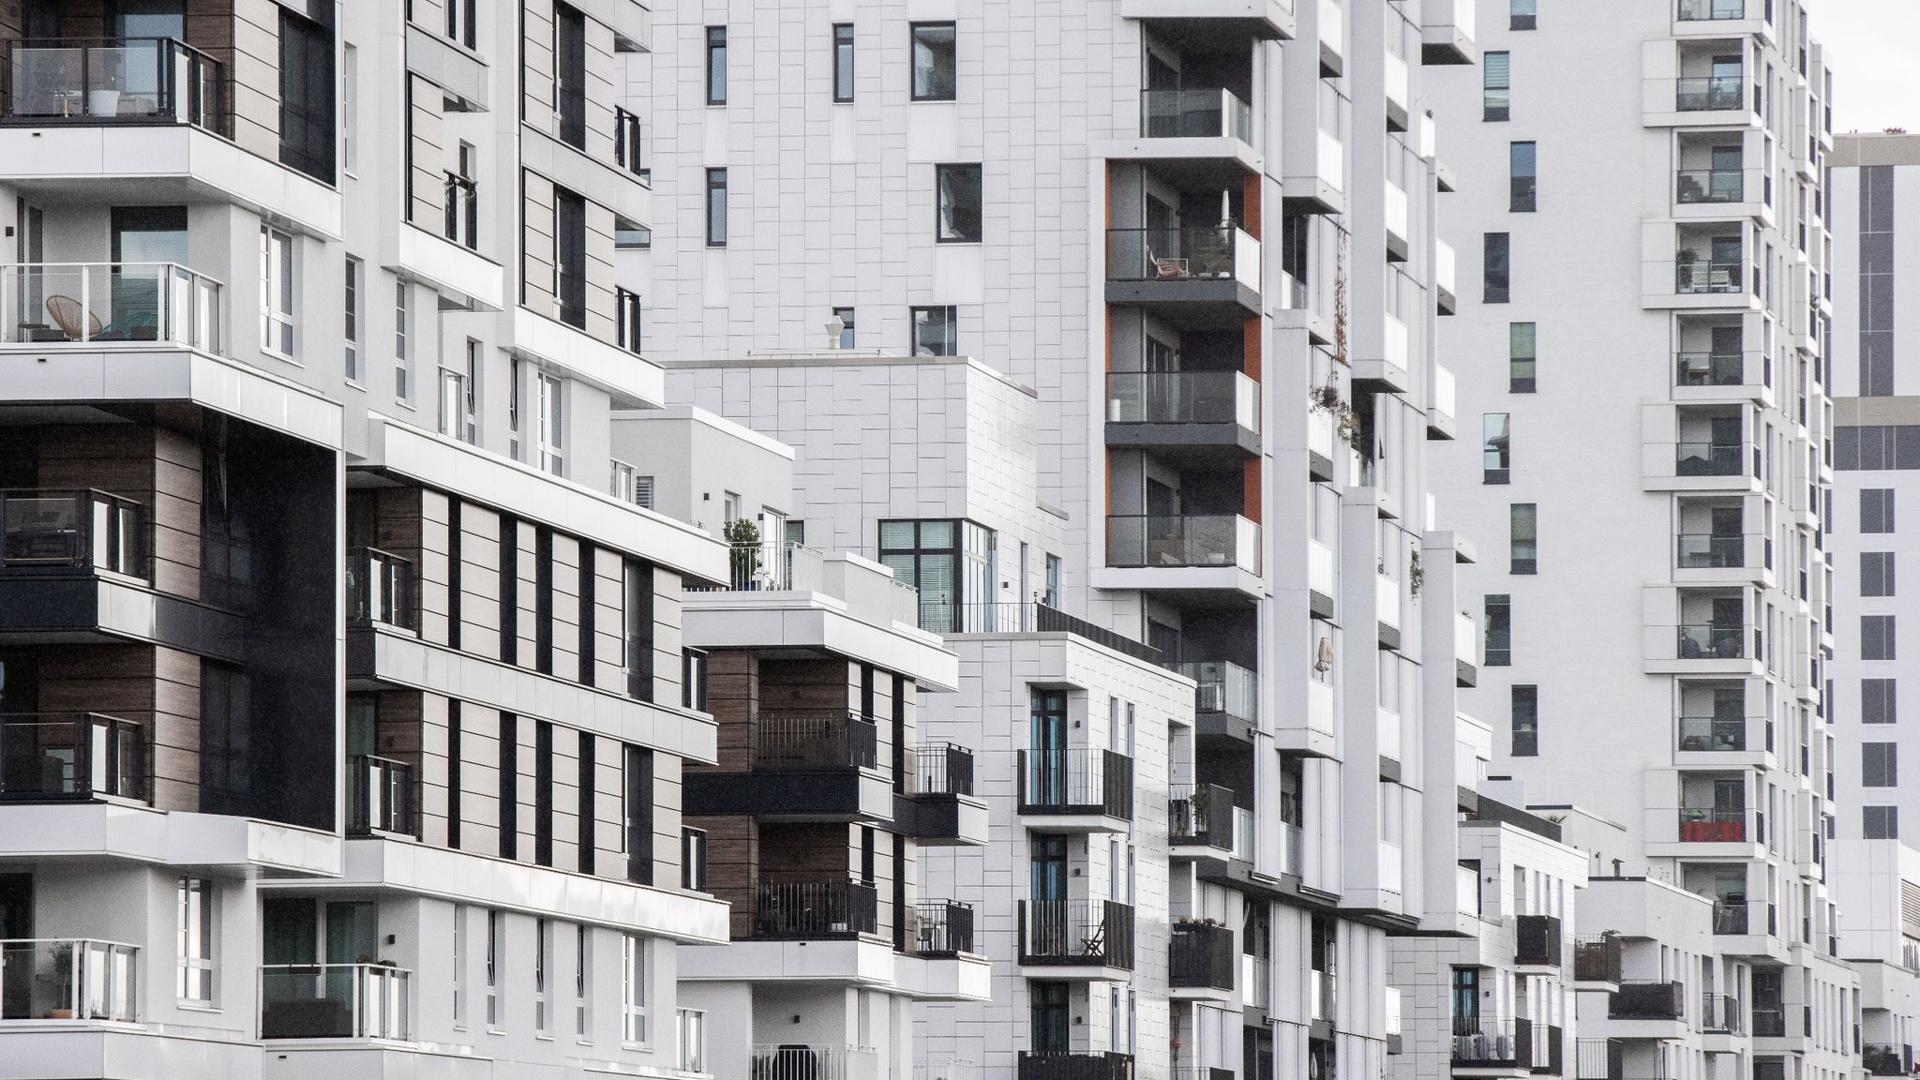 Blick in eine Straße in Düsseldorf mit Wohnhäusern. Teure Mieten und hohe Wohnungspreise machen vielen Verbrauchern in Deutschland schwer zu schaffen.